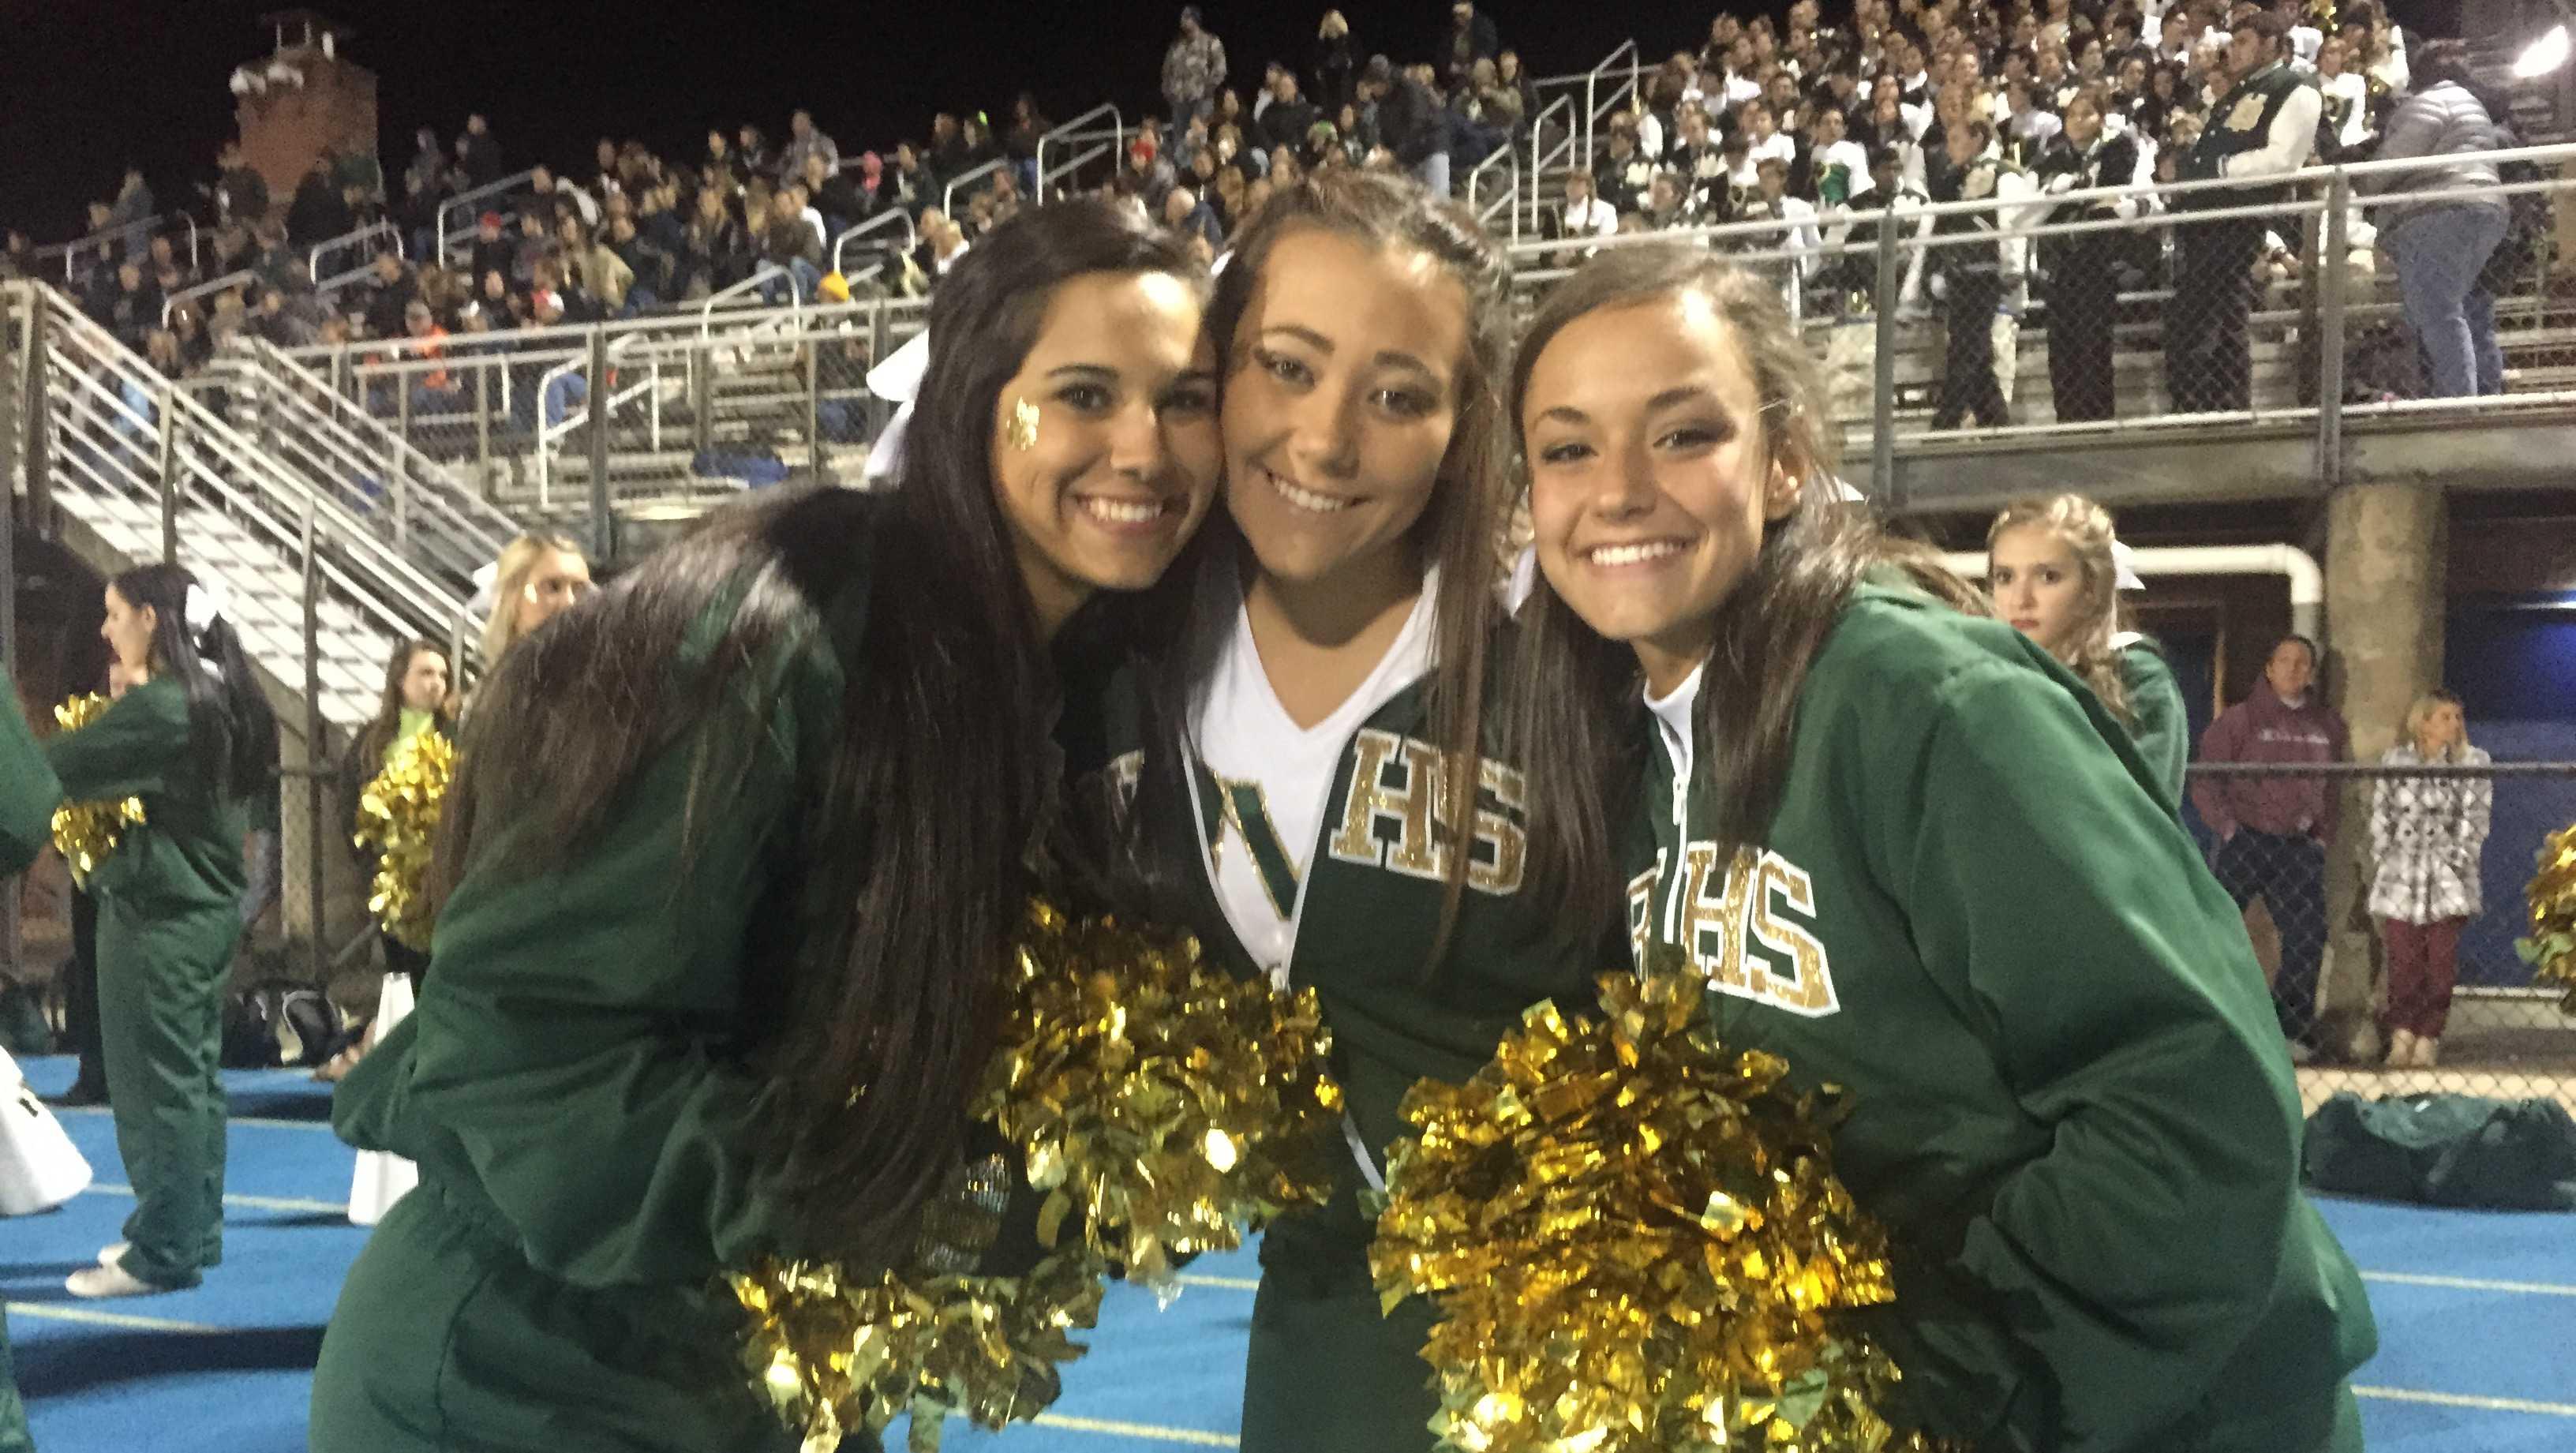 Belle Vernon cheerleaders